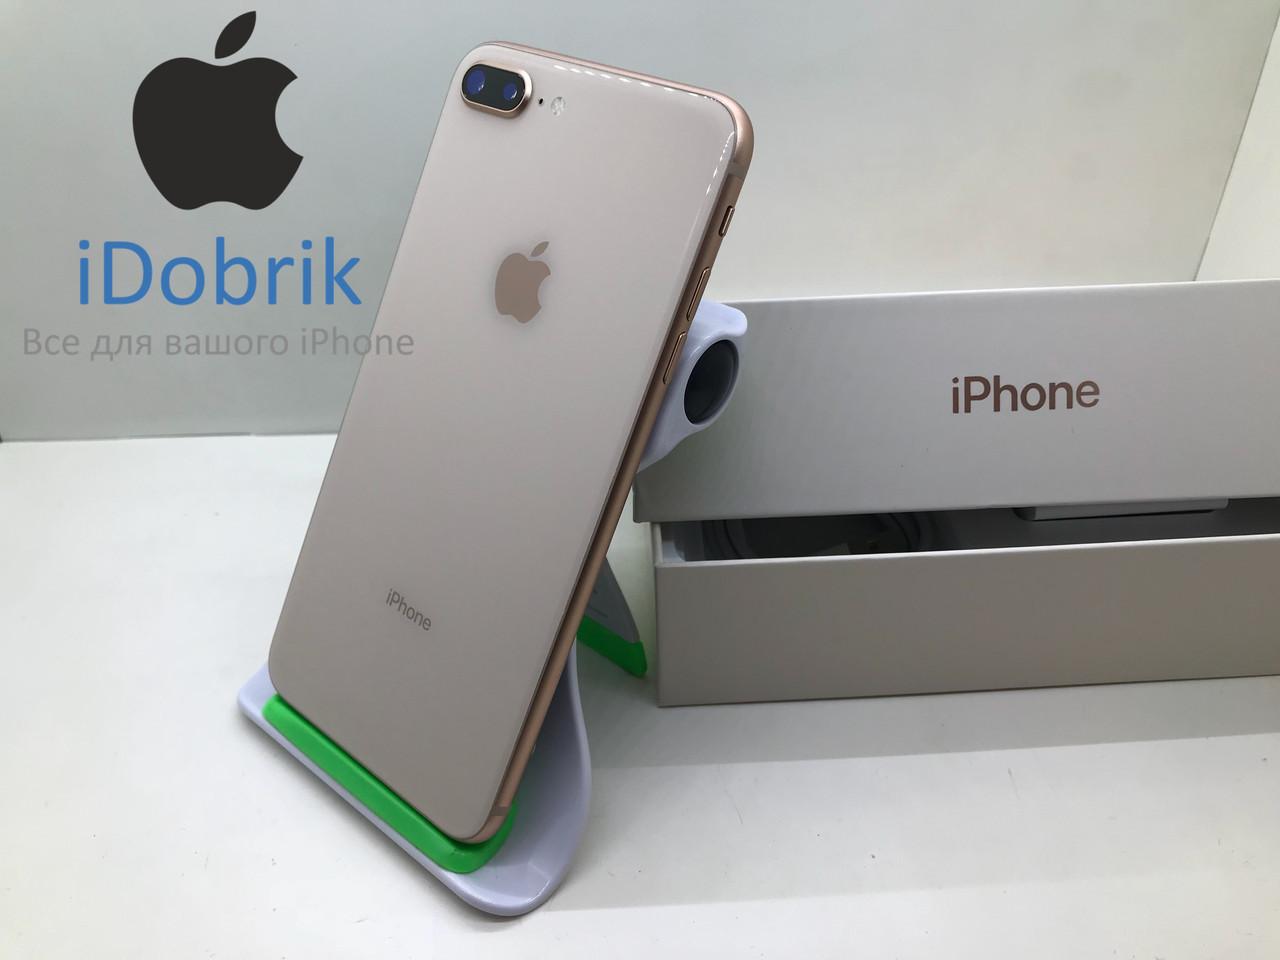 Б/У iPhone 8 Plus 256gb Gold Neverlock 10/10